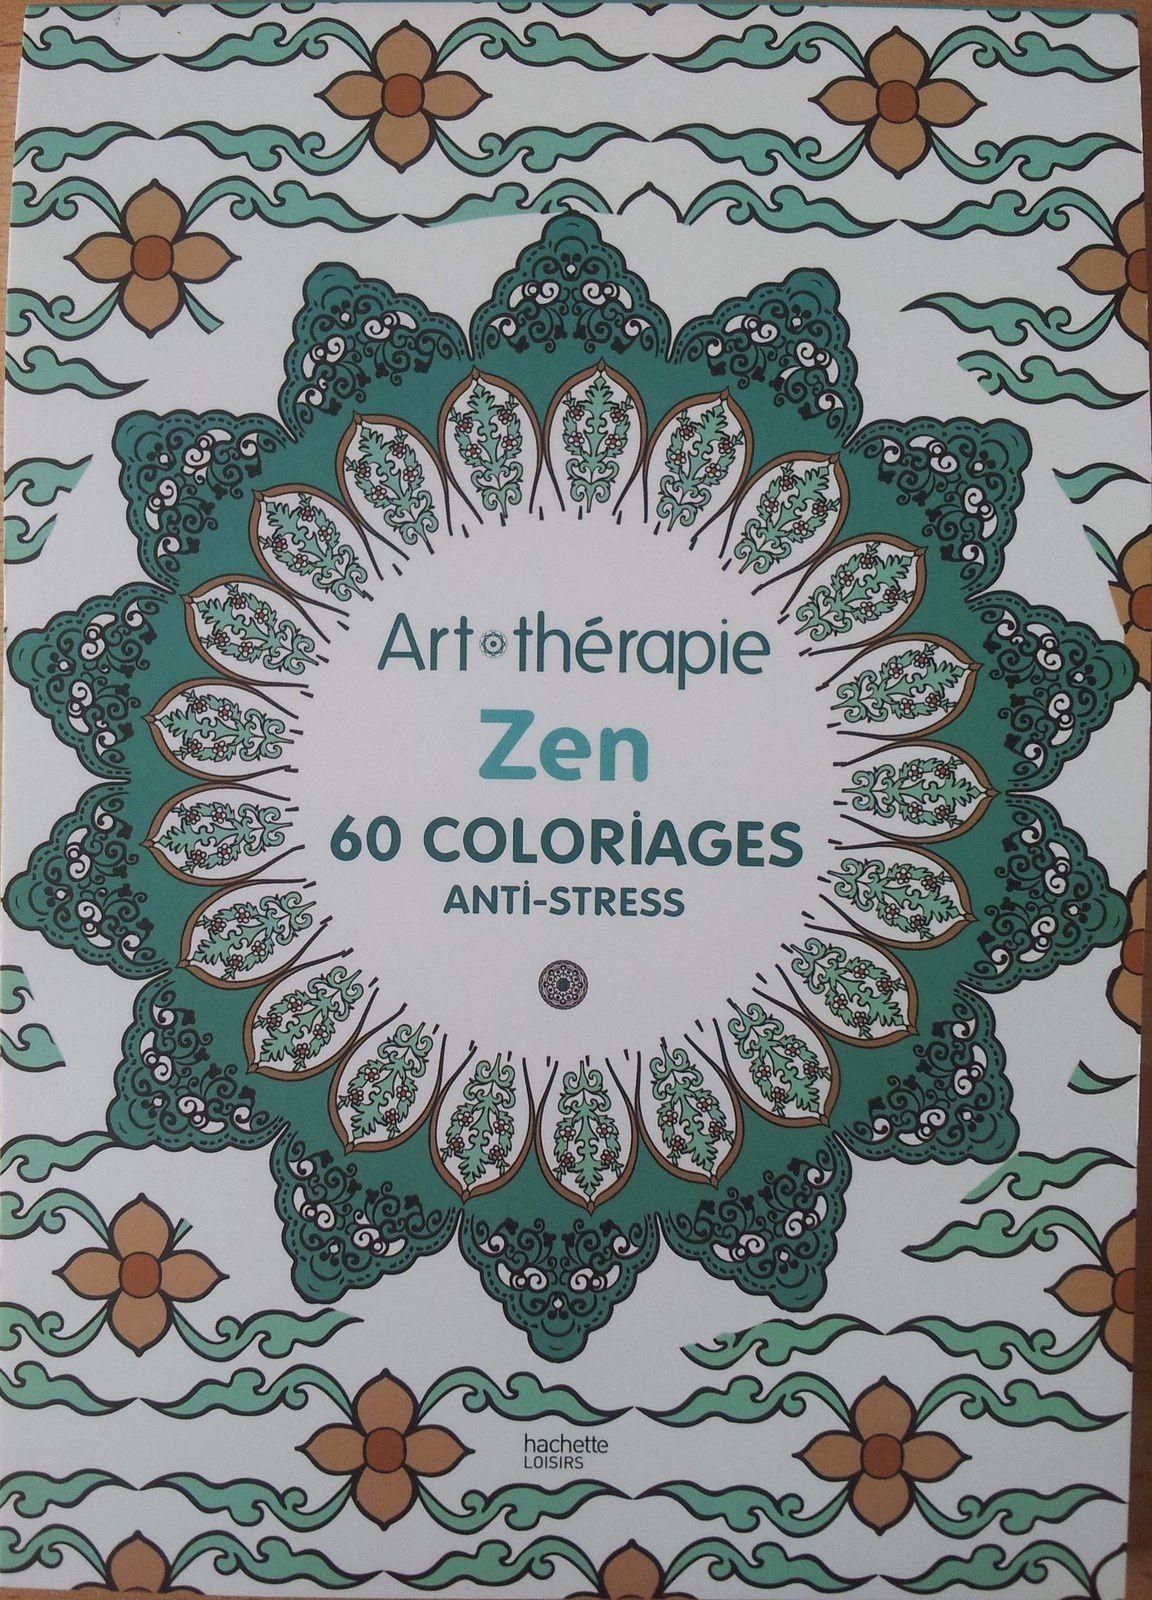 Art thérapie ZEN 60 coloriages anti stress Hachette Loisirs juillet 2014